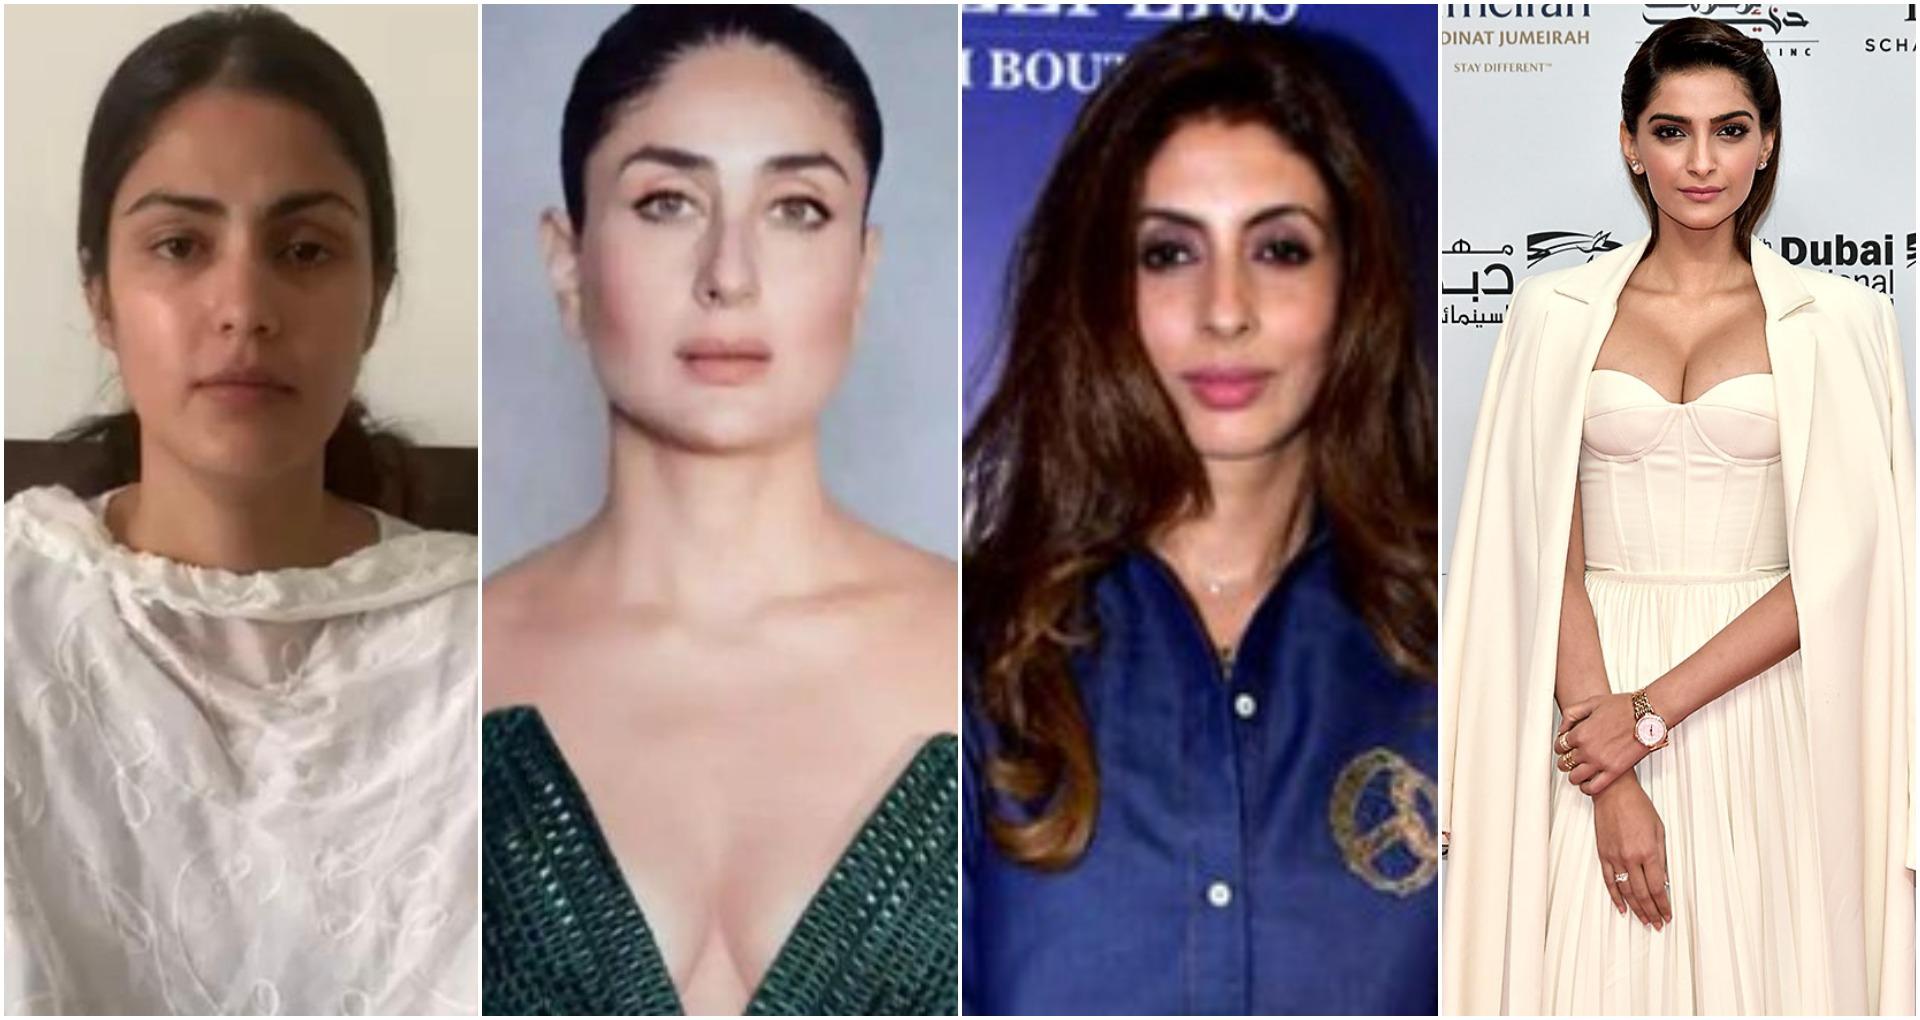 रिया के सपोर्ट में आए कई बॉलीवुड सितारे, सोनम कपूर से लेकर श्वेता बच्चन ने शेयर किया पोस्ट